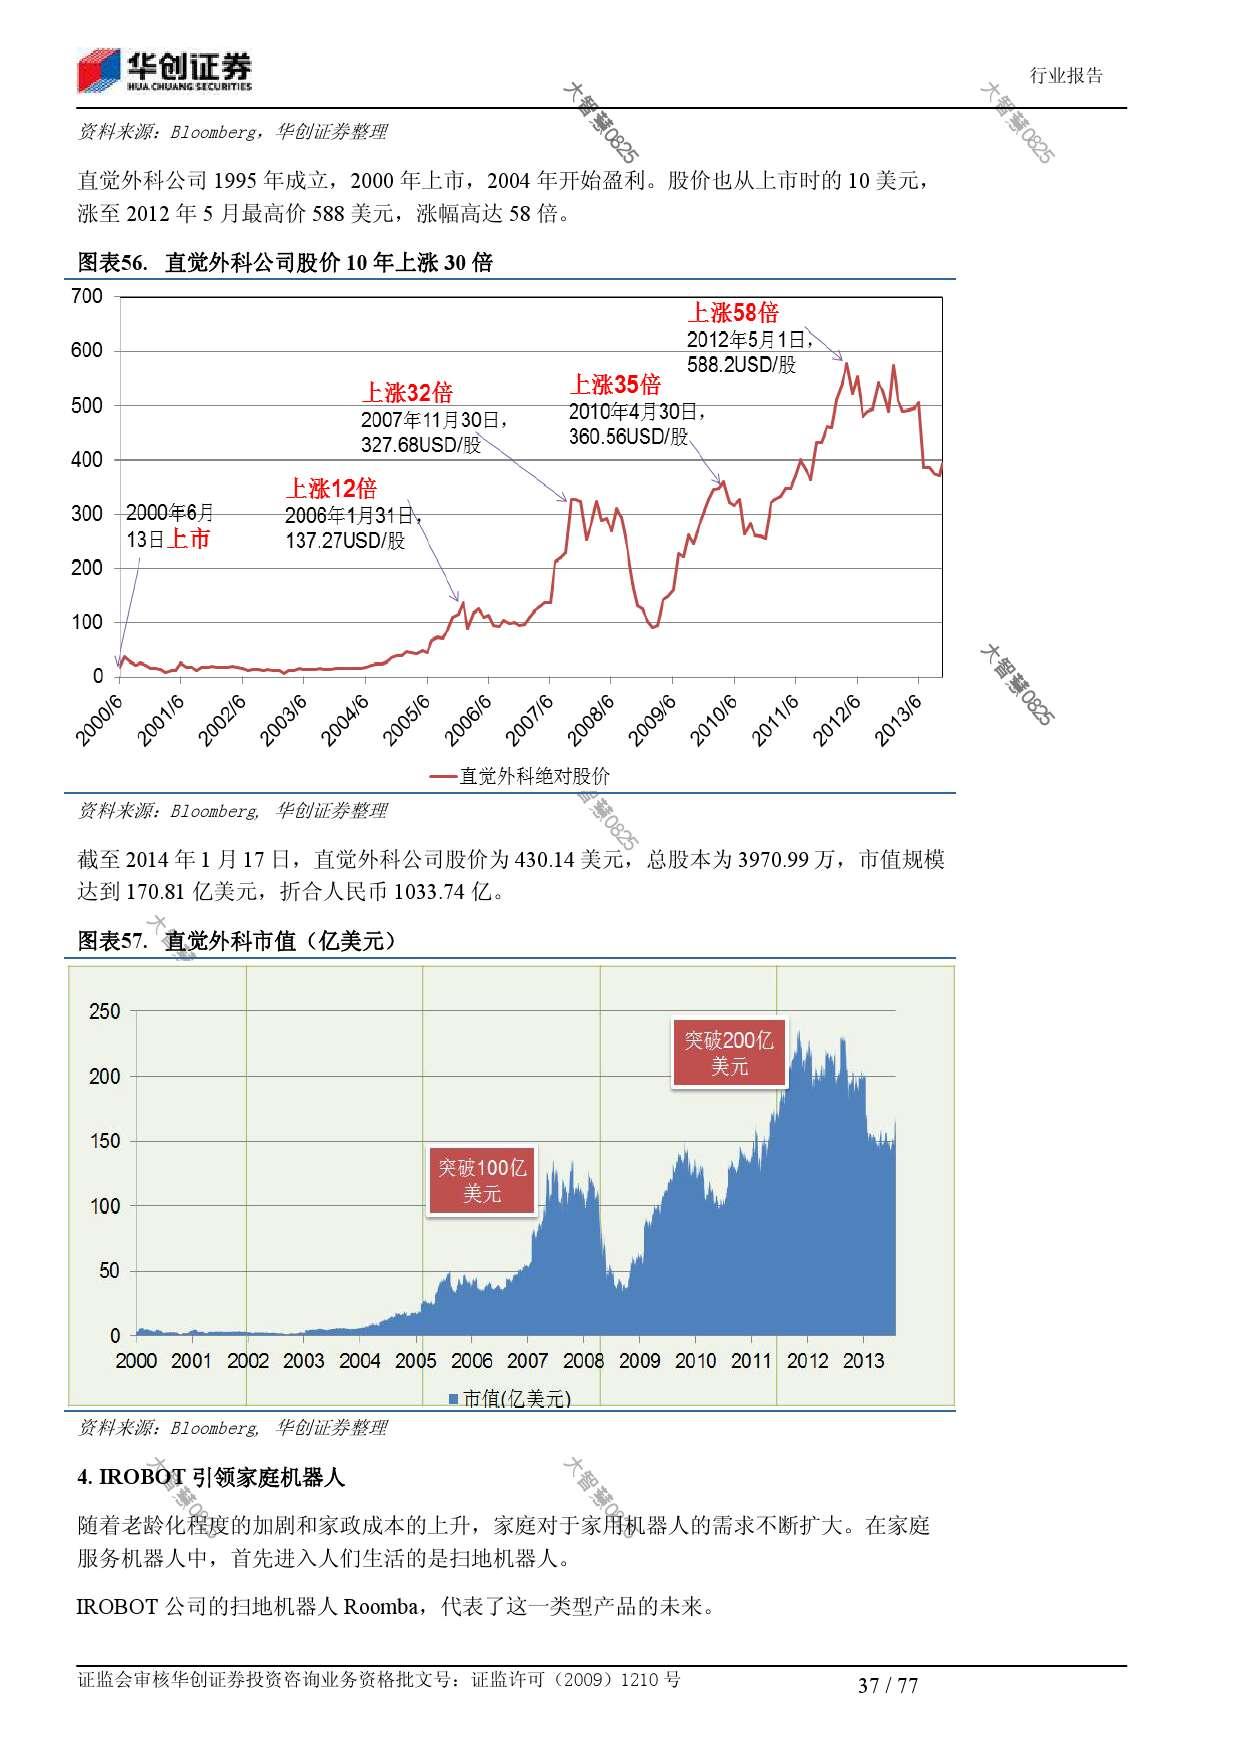 行业研究_华创证券_刘国清,鲁佩_机械设备:机器人大趋势_2014021_000037